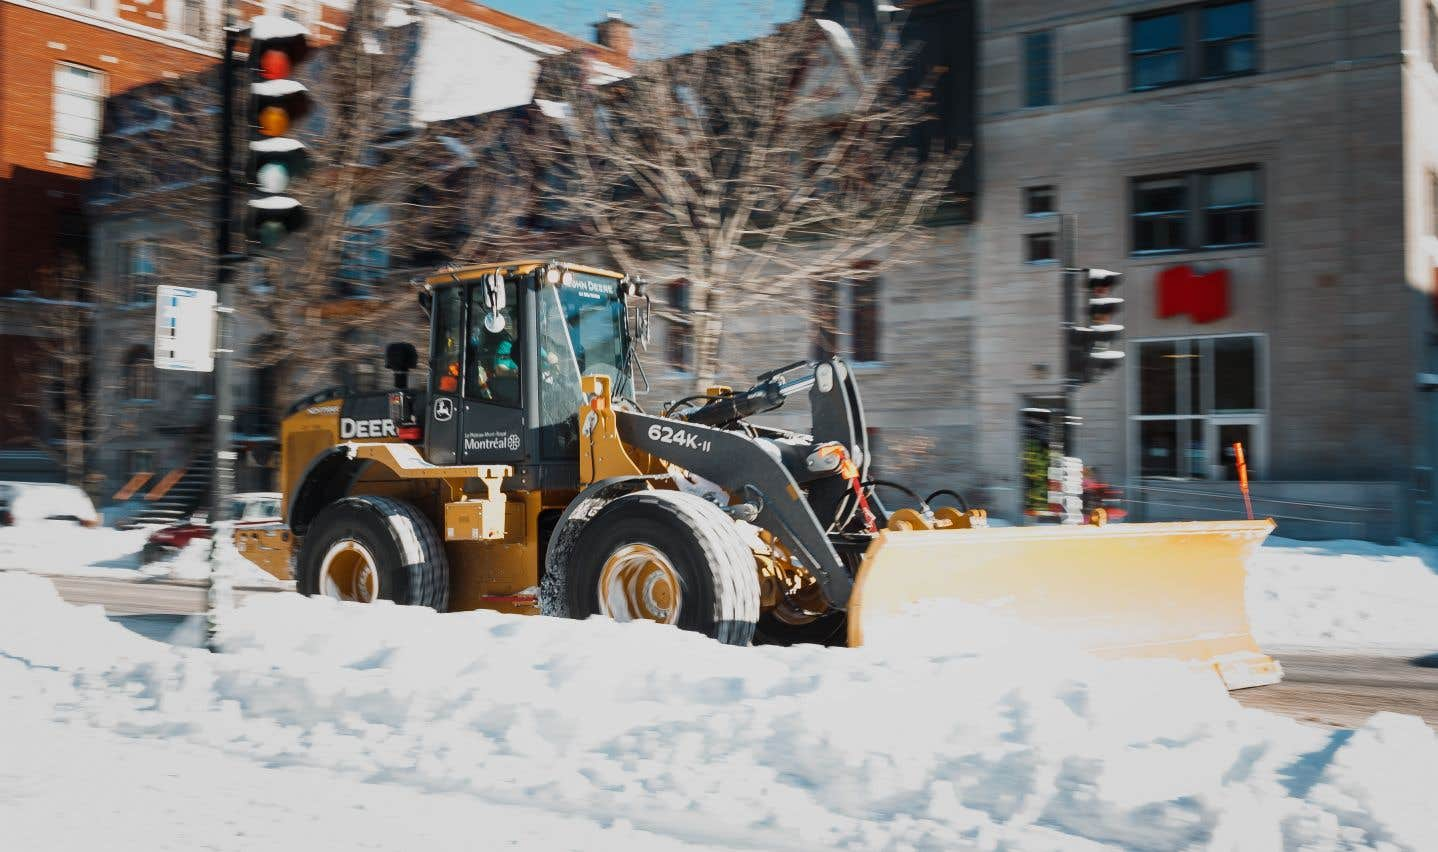 Une opération d'enlèvement de la neige coûte en moyenne 1million $ par arrondissement.